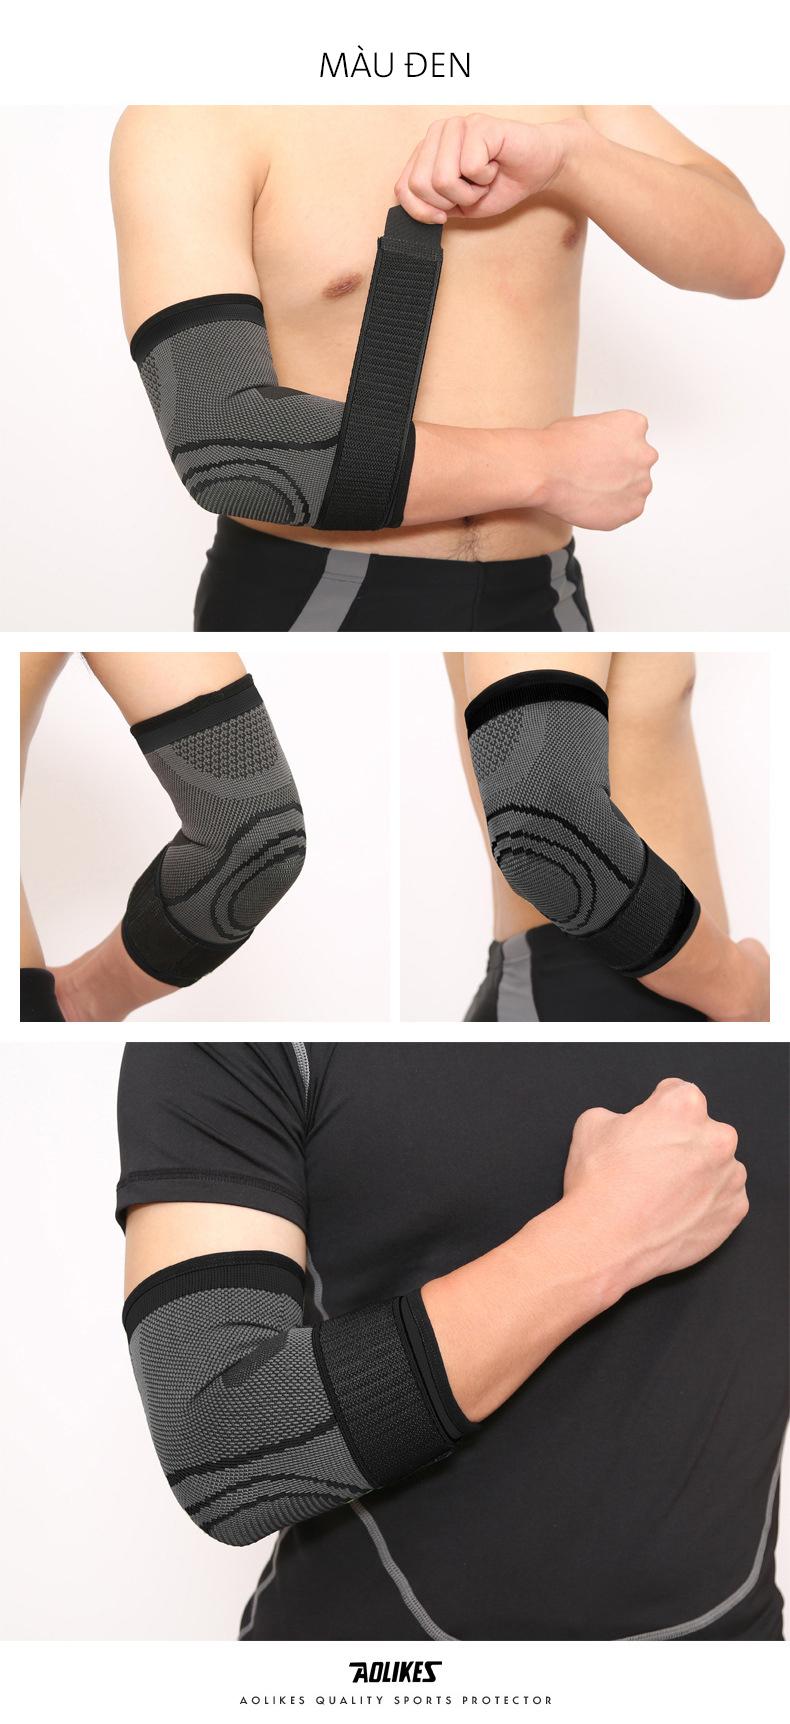 Đai bảo vệ khuỷu tay Aolikes AL7548 màu đen